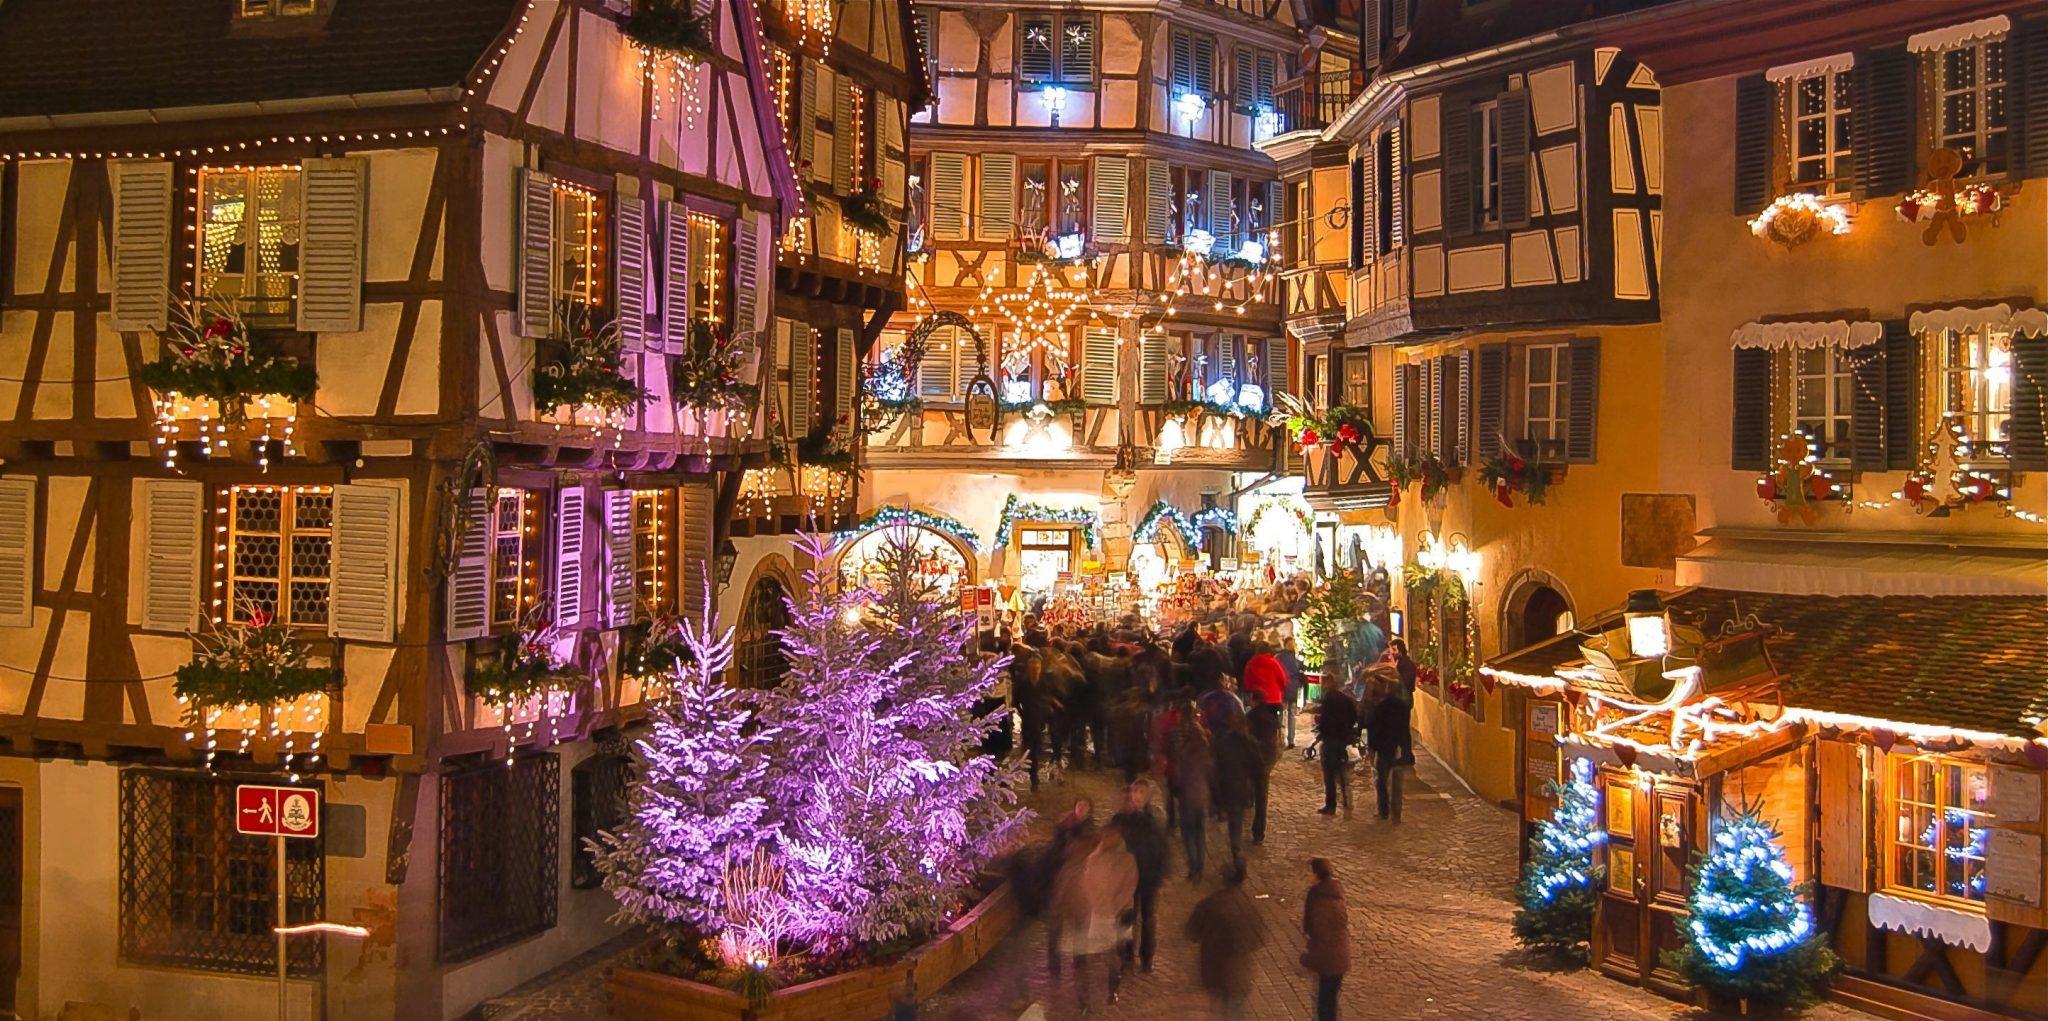 Colmar Weihnachtsmarkt.Weihnachtsmarkt Freiburg Strassburg Colmar Weiss Reisen